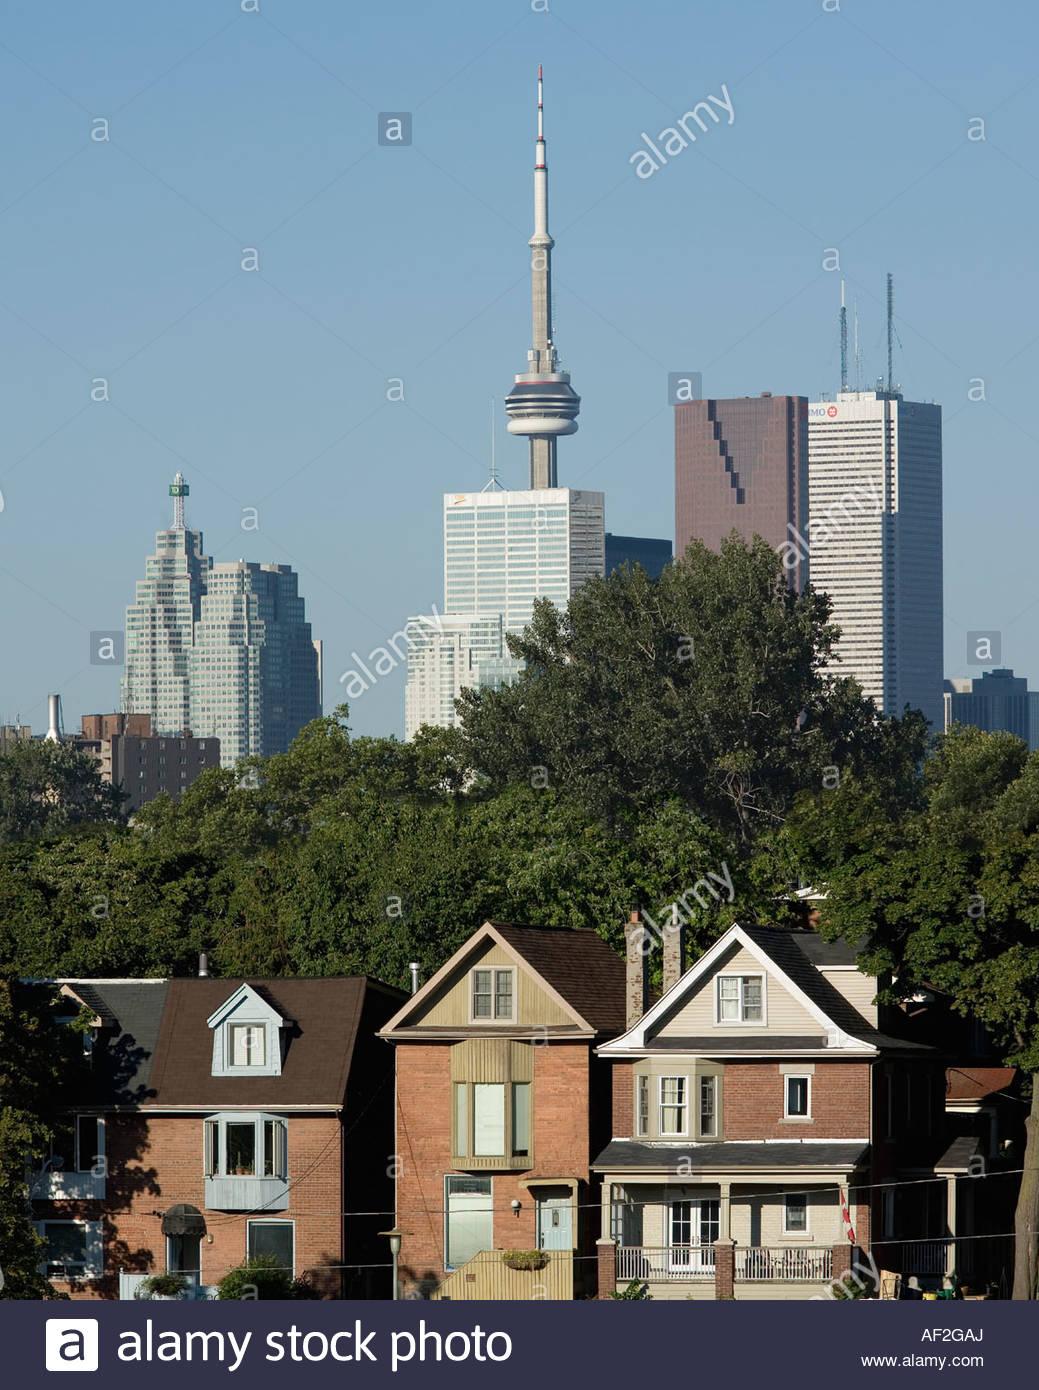 Computer Imaging bewegt diese Toronto Häuser von 100 m zu bringen, im Einklang mit der Skyline von Toronto Stockbild